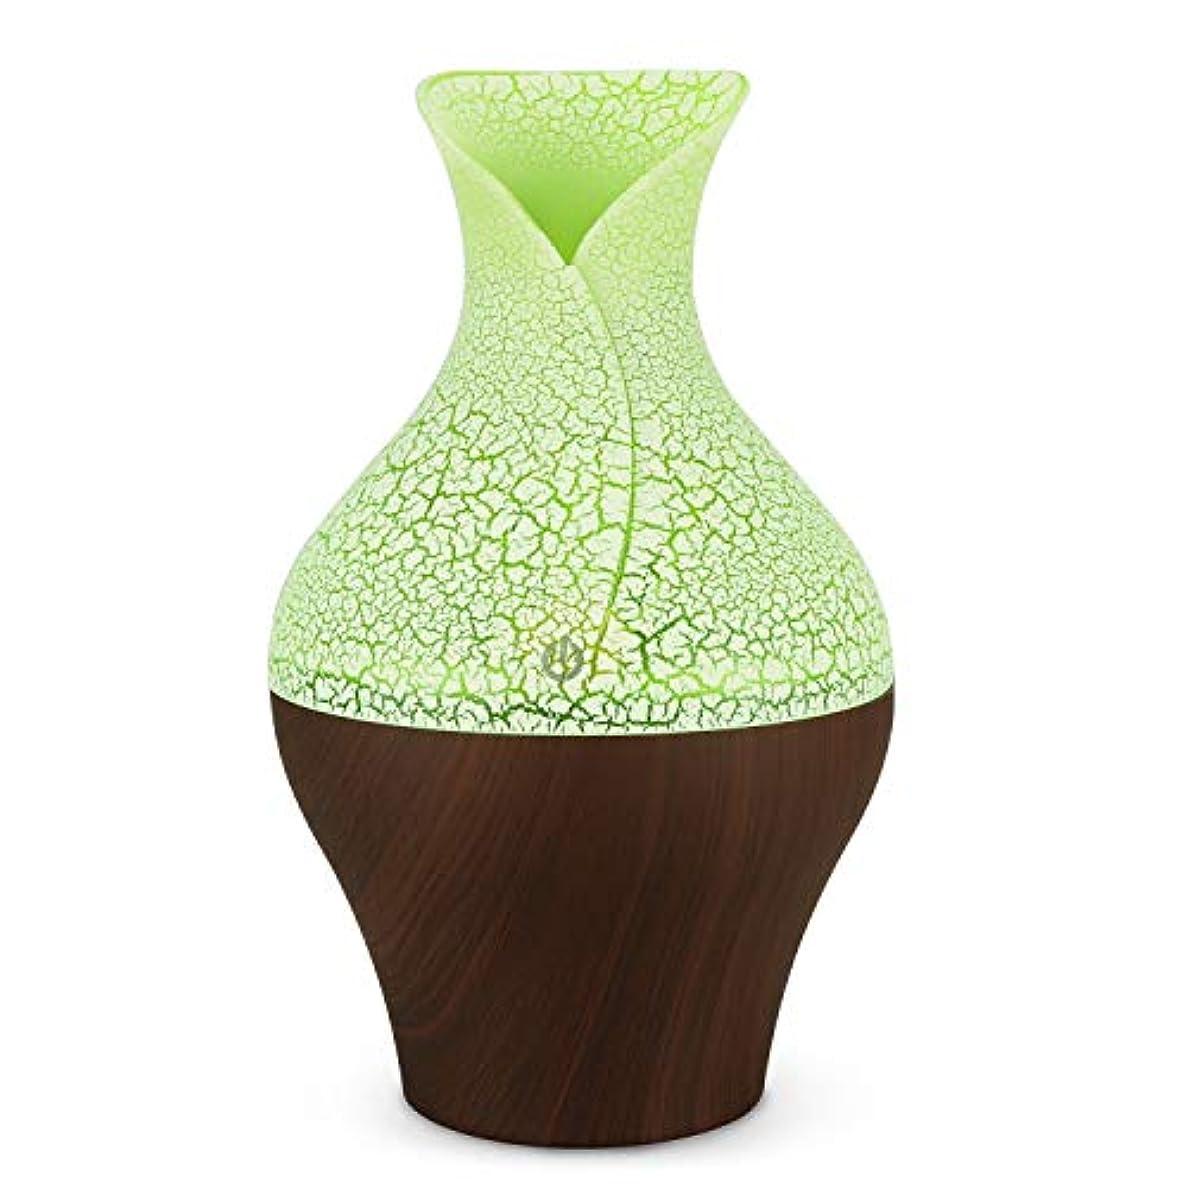 ウールトムオードリース具体的にミスト加湿器については内務省のベッドルームベビールームの使用をクール250mlのエッセンシャルオイルディフューザー花瓶字型 (Color : Deep wood grain, Size : 10×17.4)